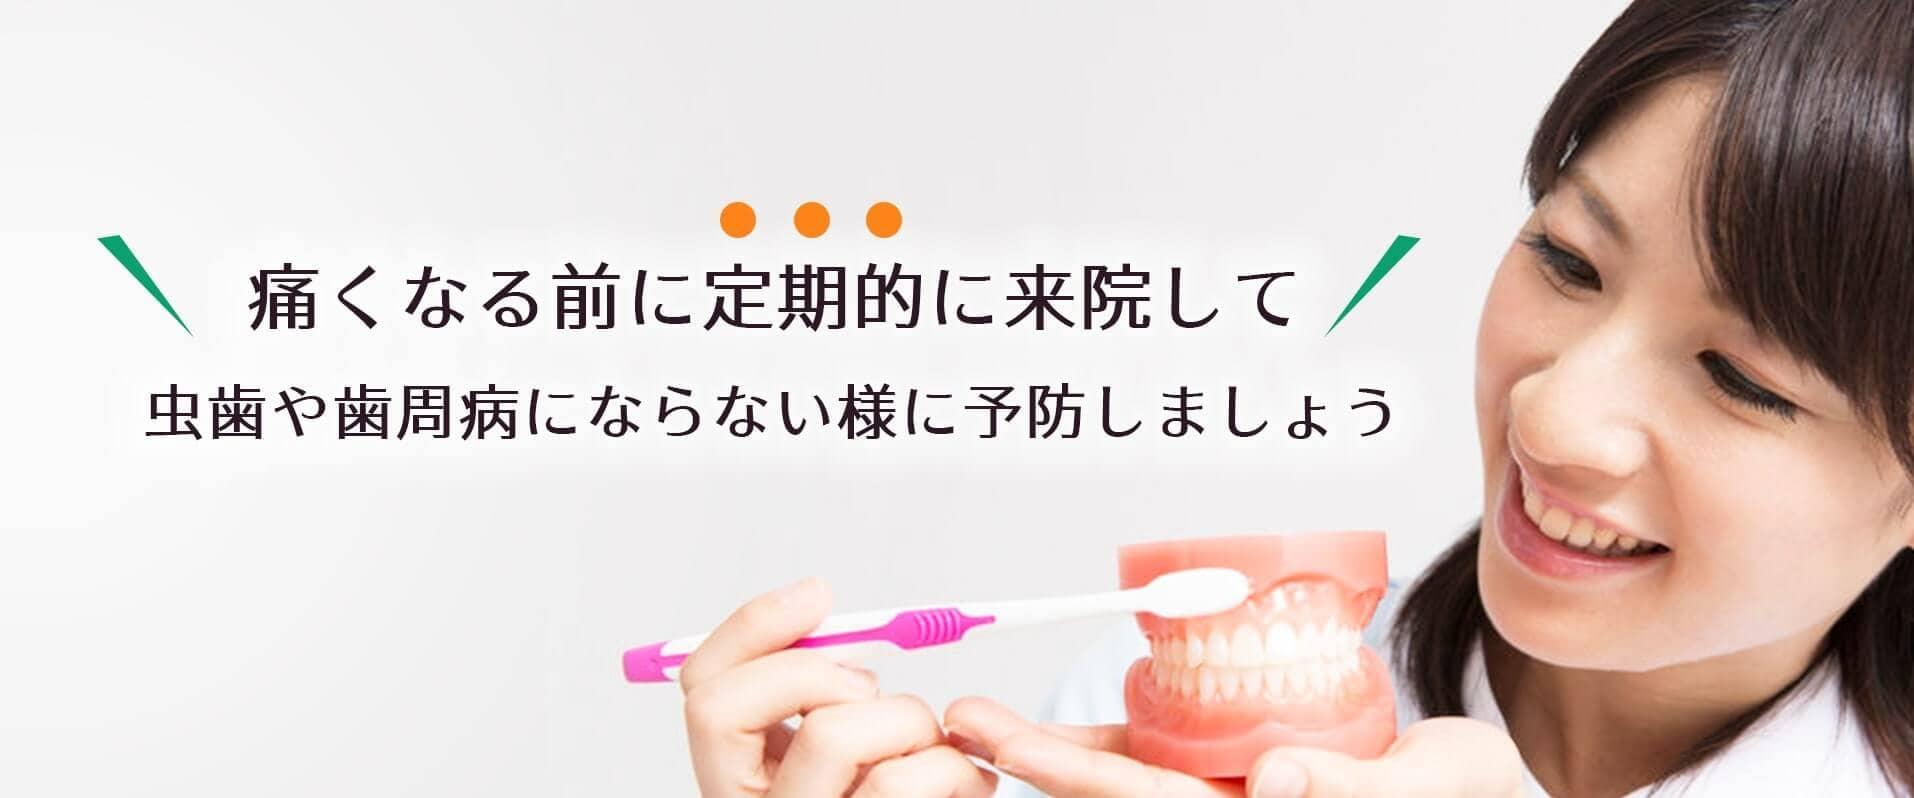 痛くなる前に定期的に来院して虫歯や歯周病にならない様に予防しましょう